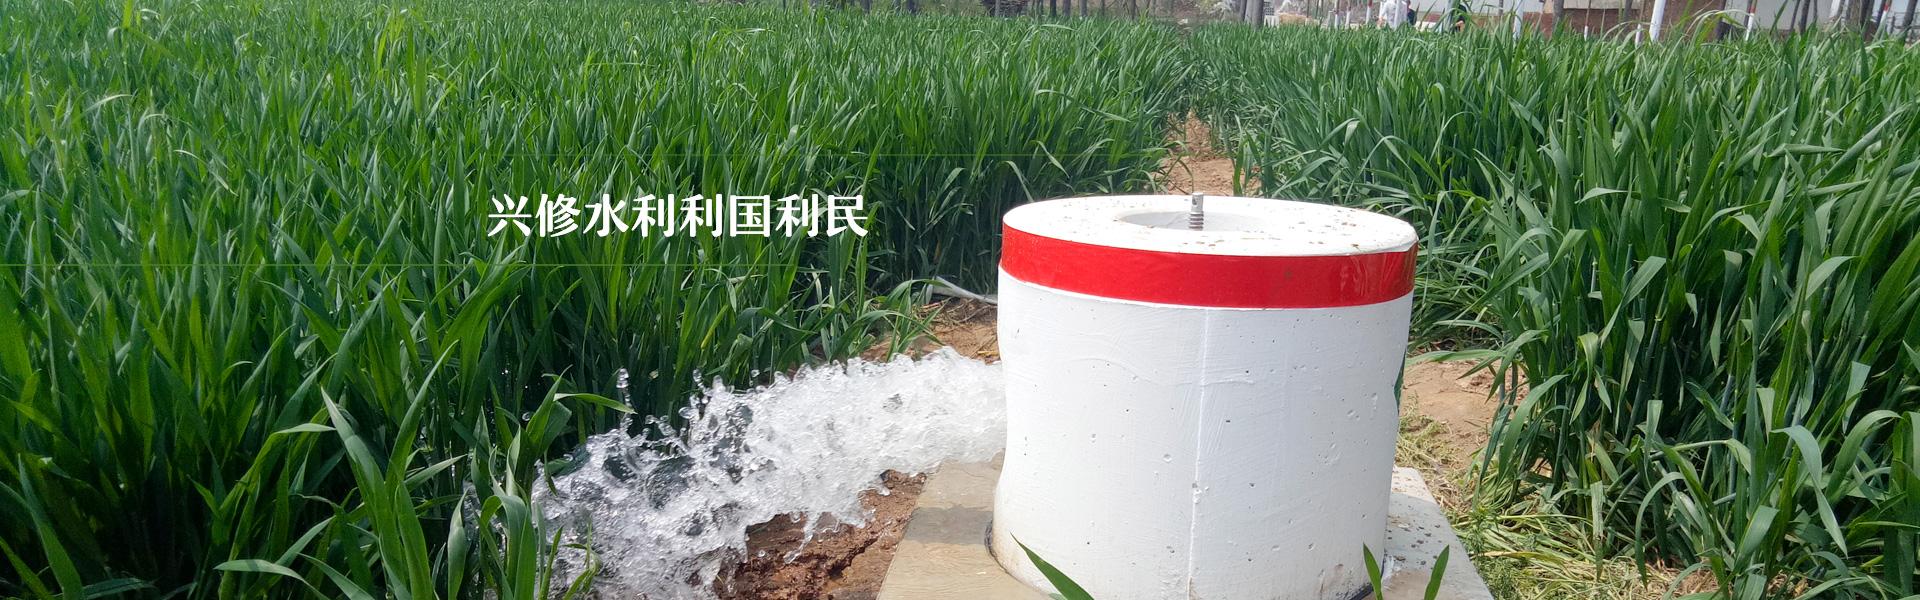 砼出水口保护装置